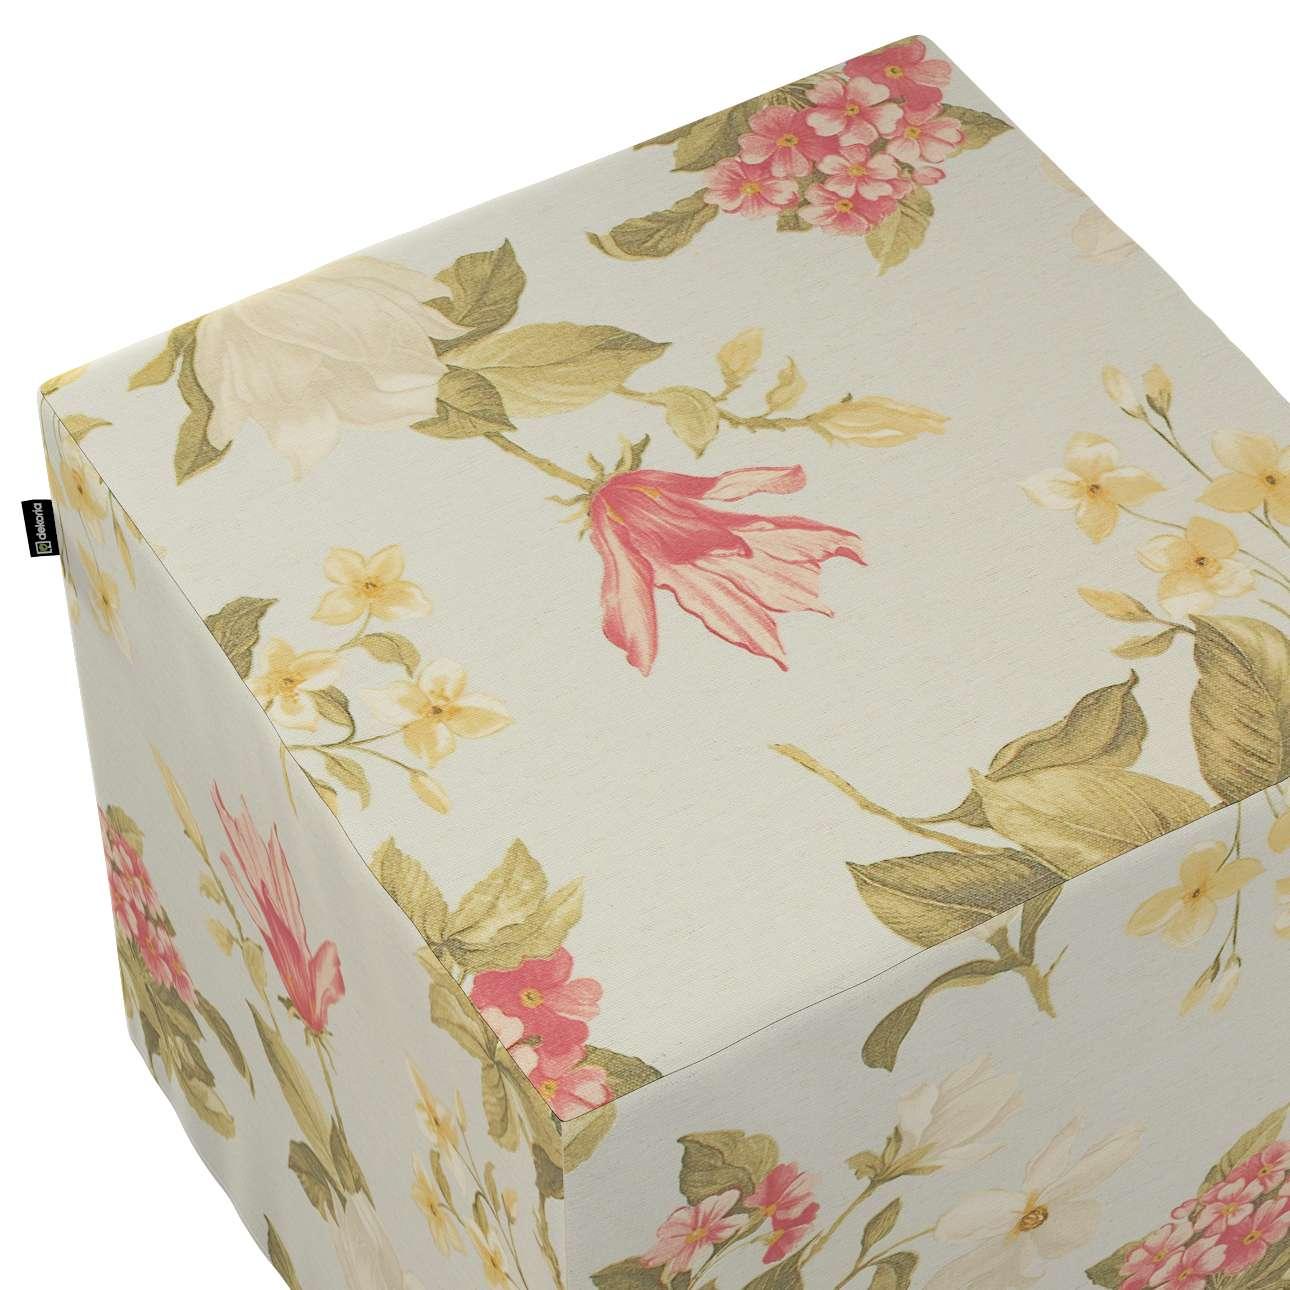 Taburetka tvrdá, kocka V kolekcii Londres, tkanina: 123-65